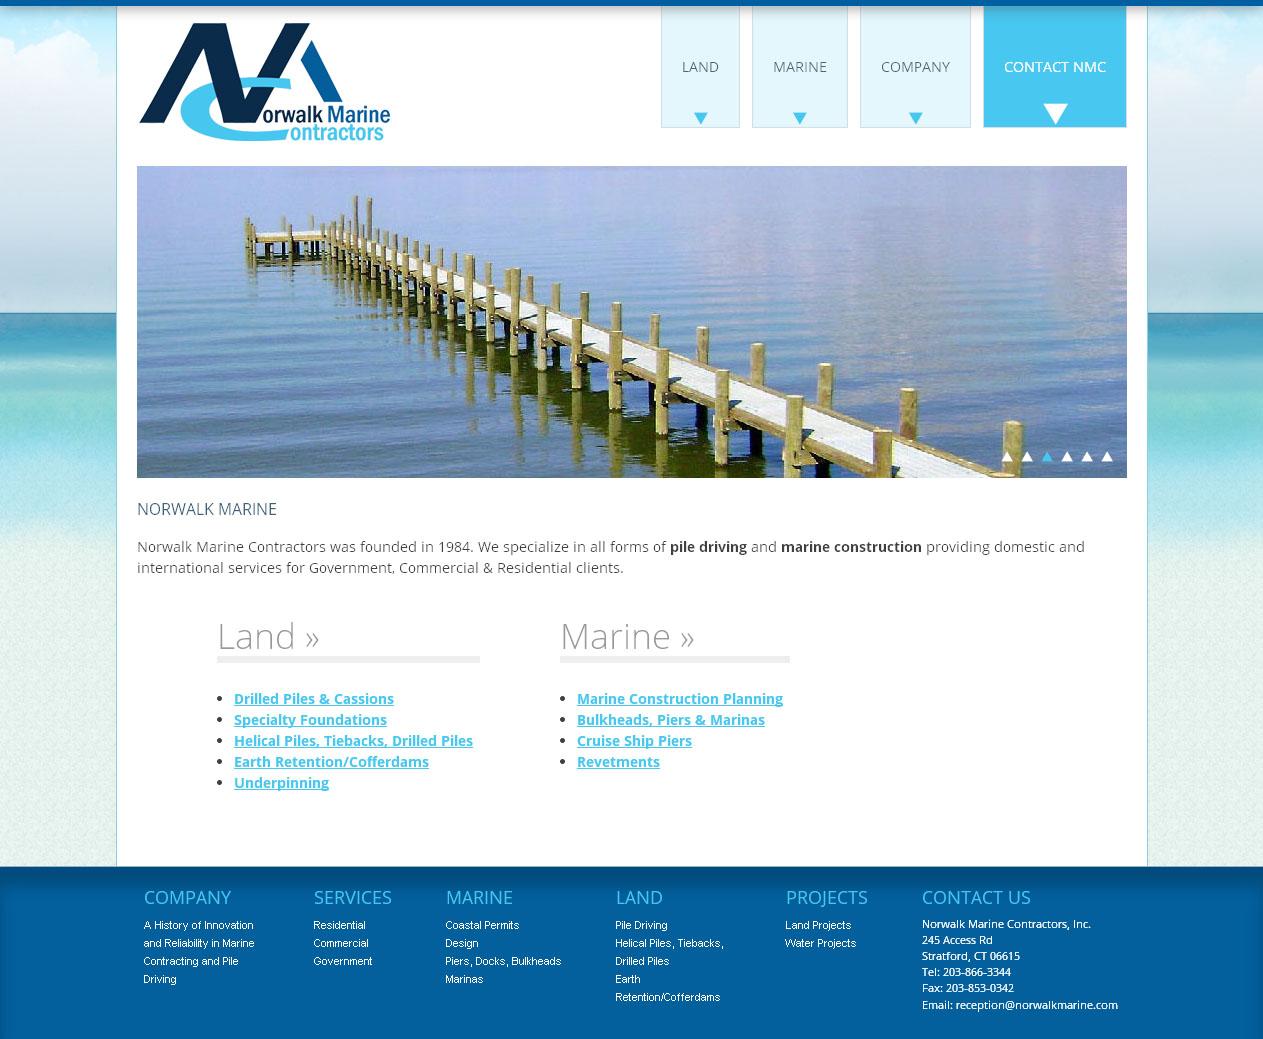 Norwalk Marine Contractors